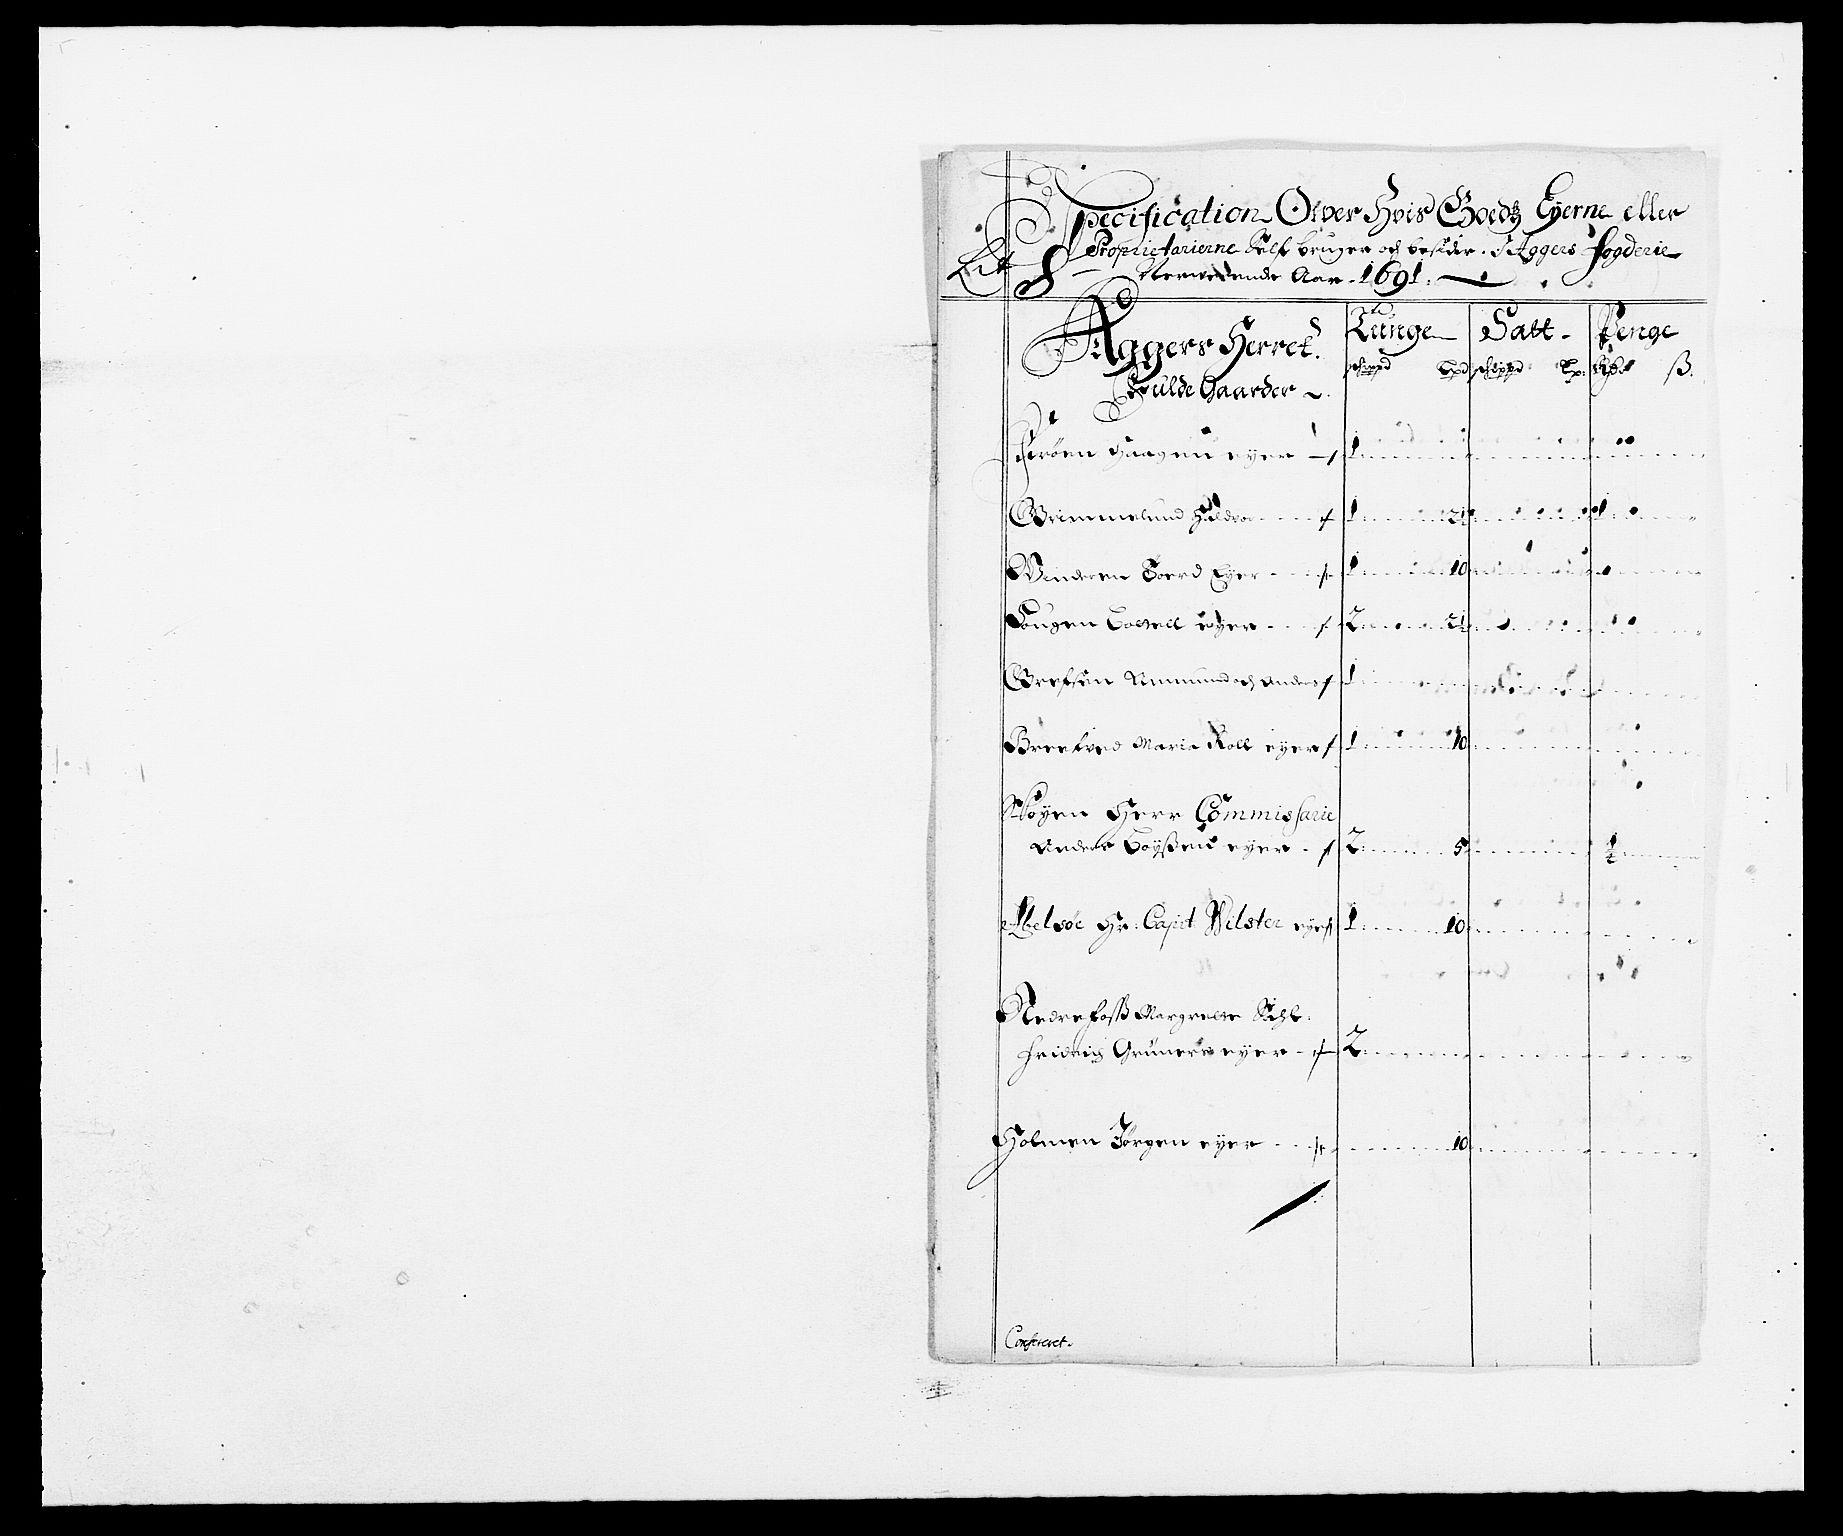 RA, Rentekammeret inntil 1814, Reviderte regnskaper, Fogderegnskap, R08/L0423: Fogderegnskap Aker, 1687-1689, s. 290